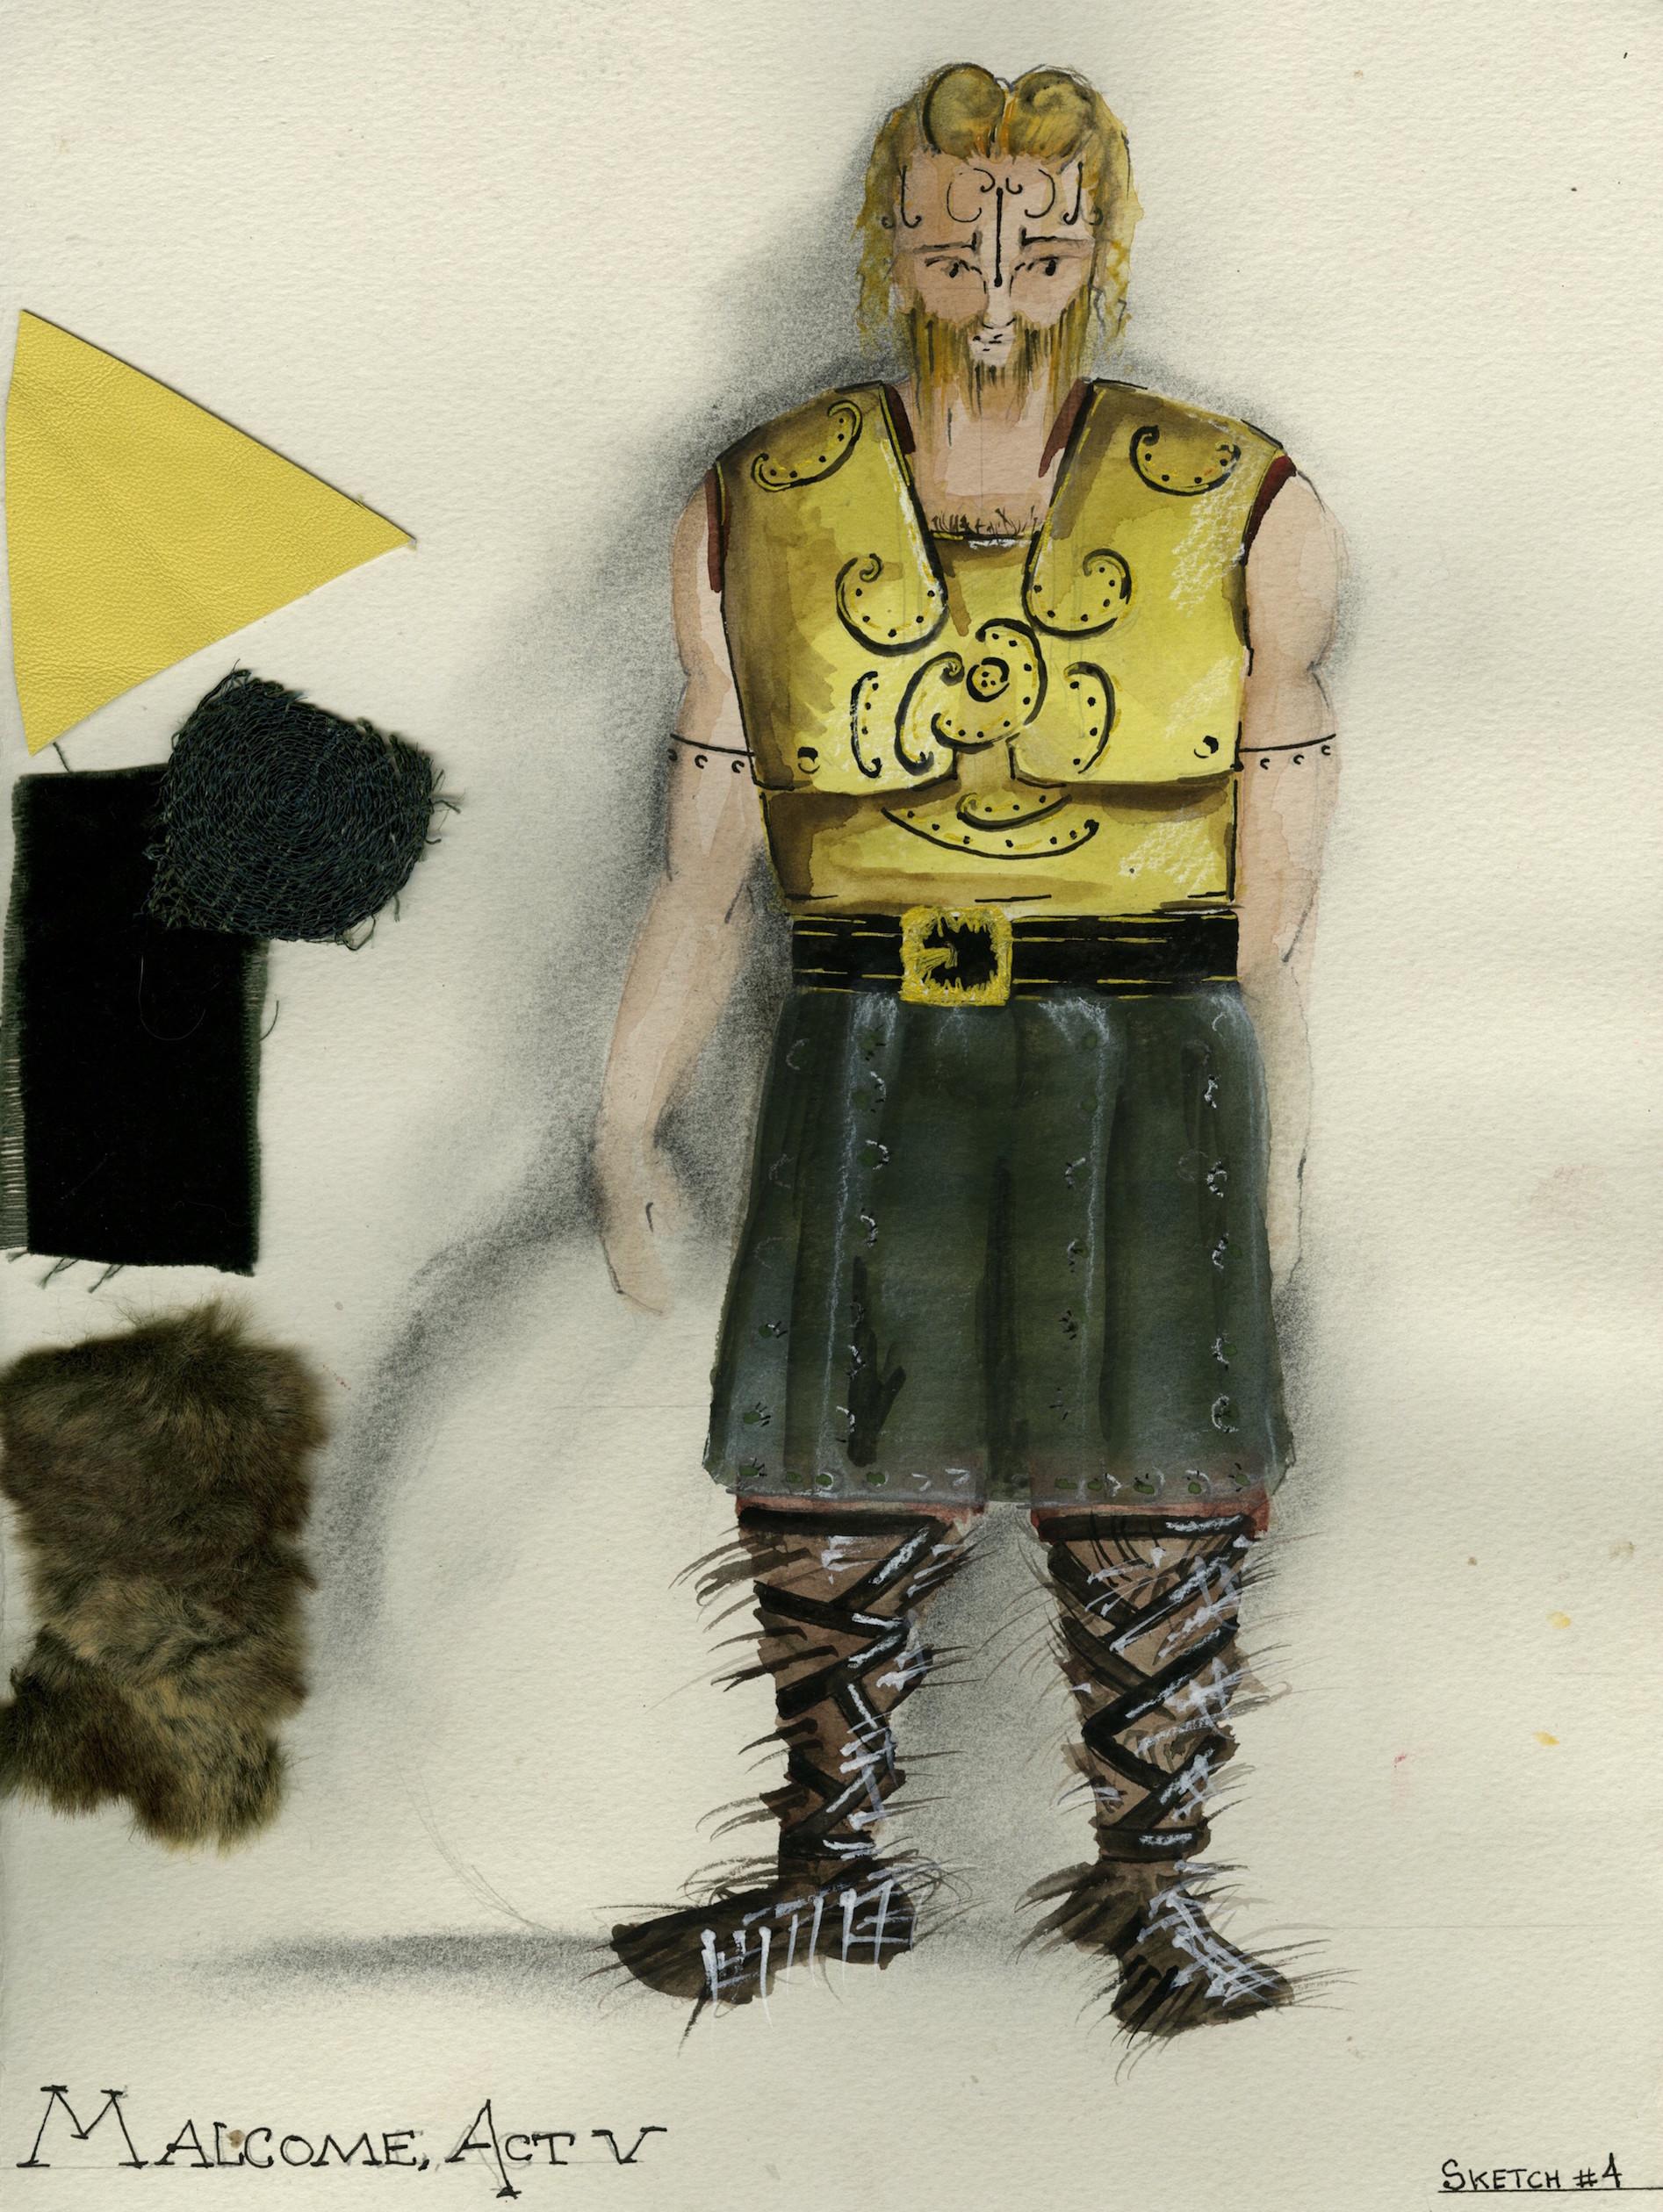 Macbeth Malcome A2.jpg